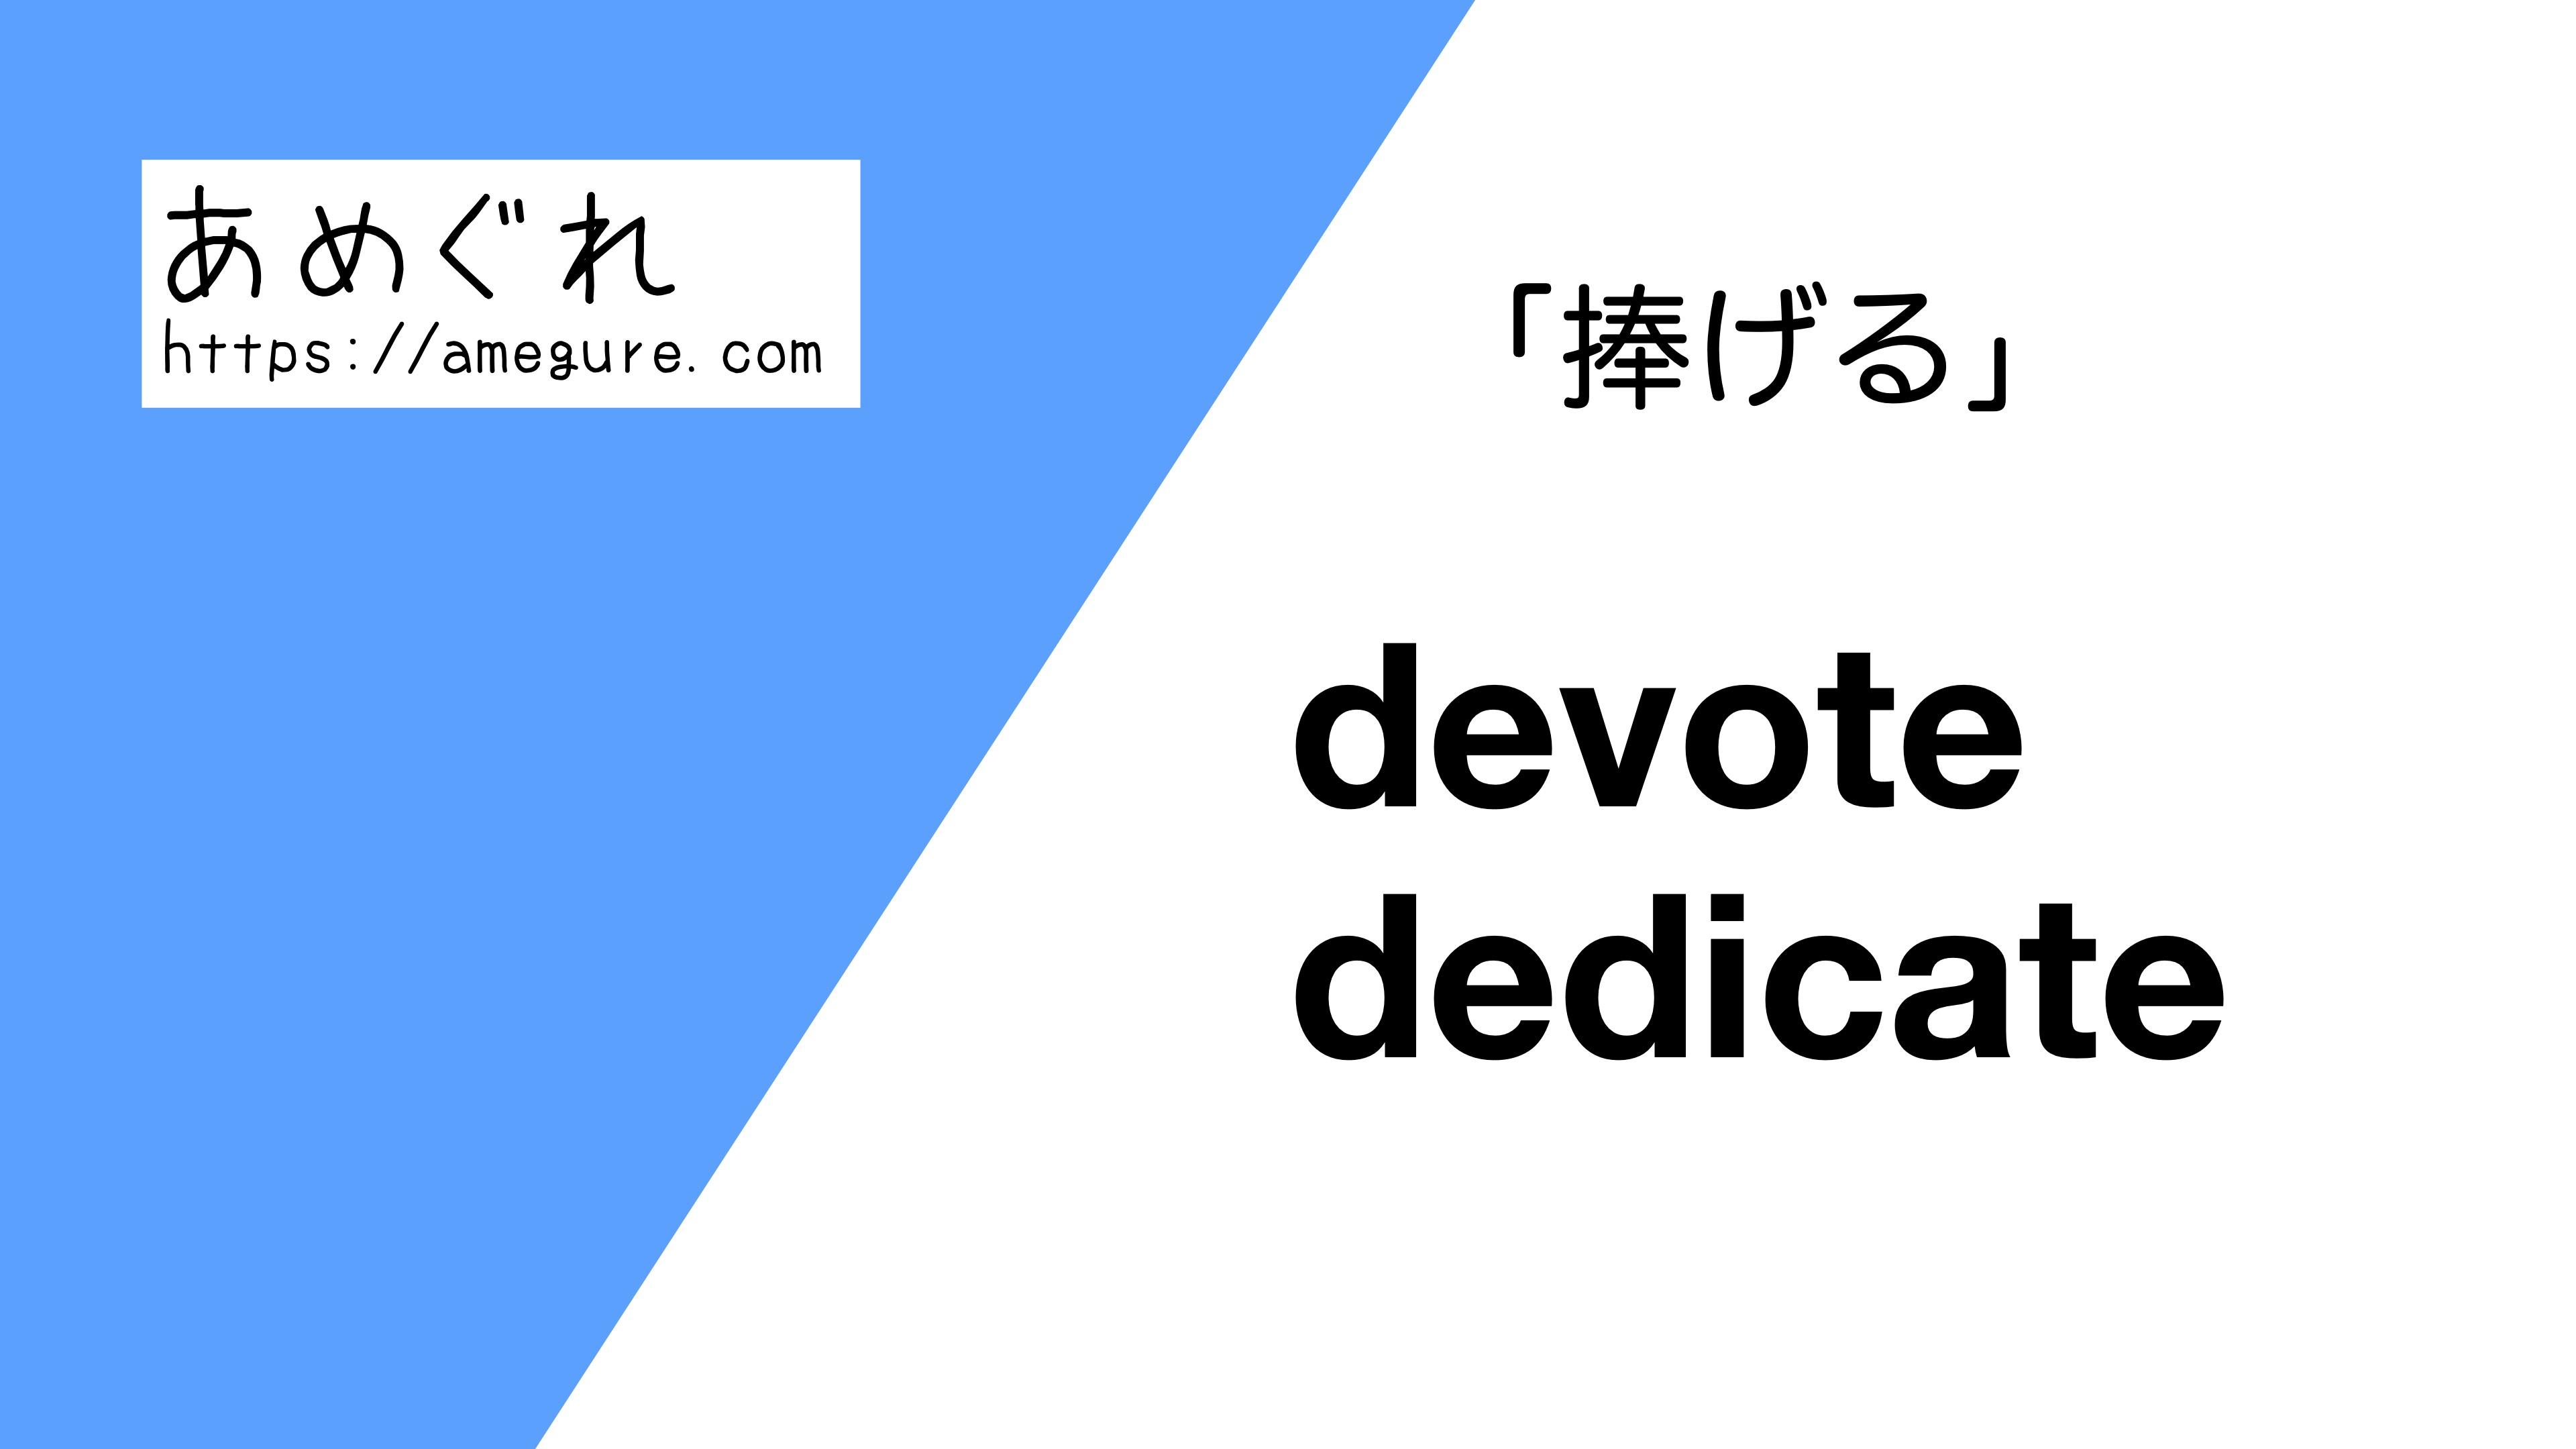 devote-dedicate違い